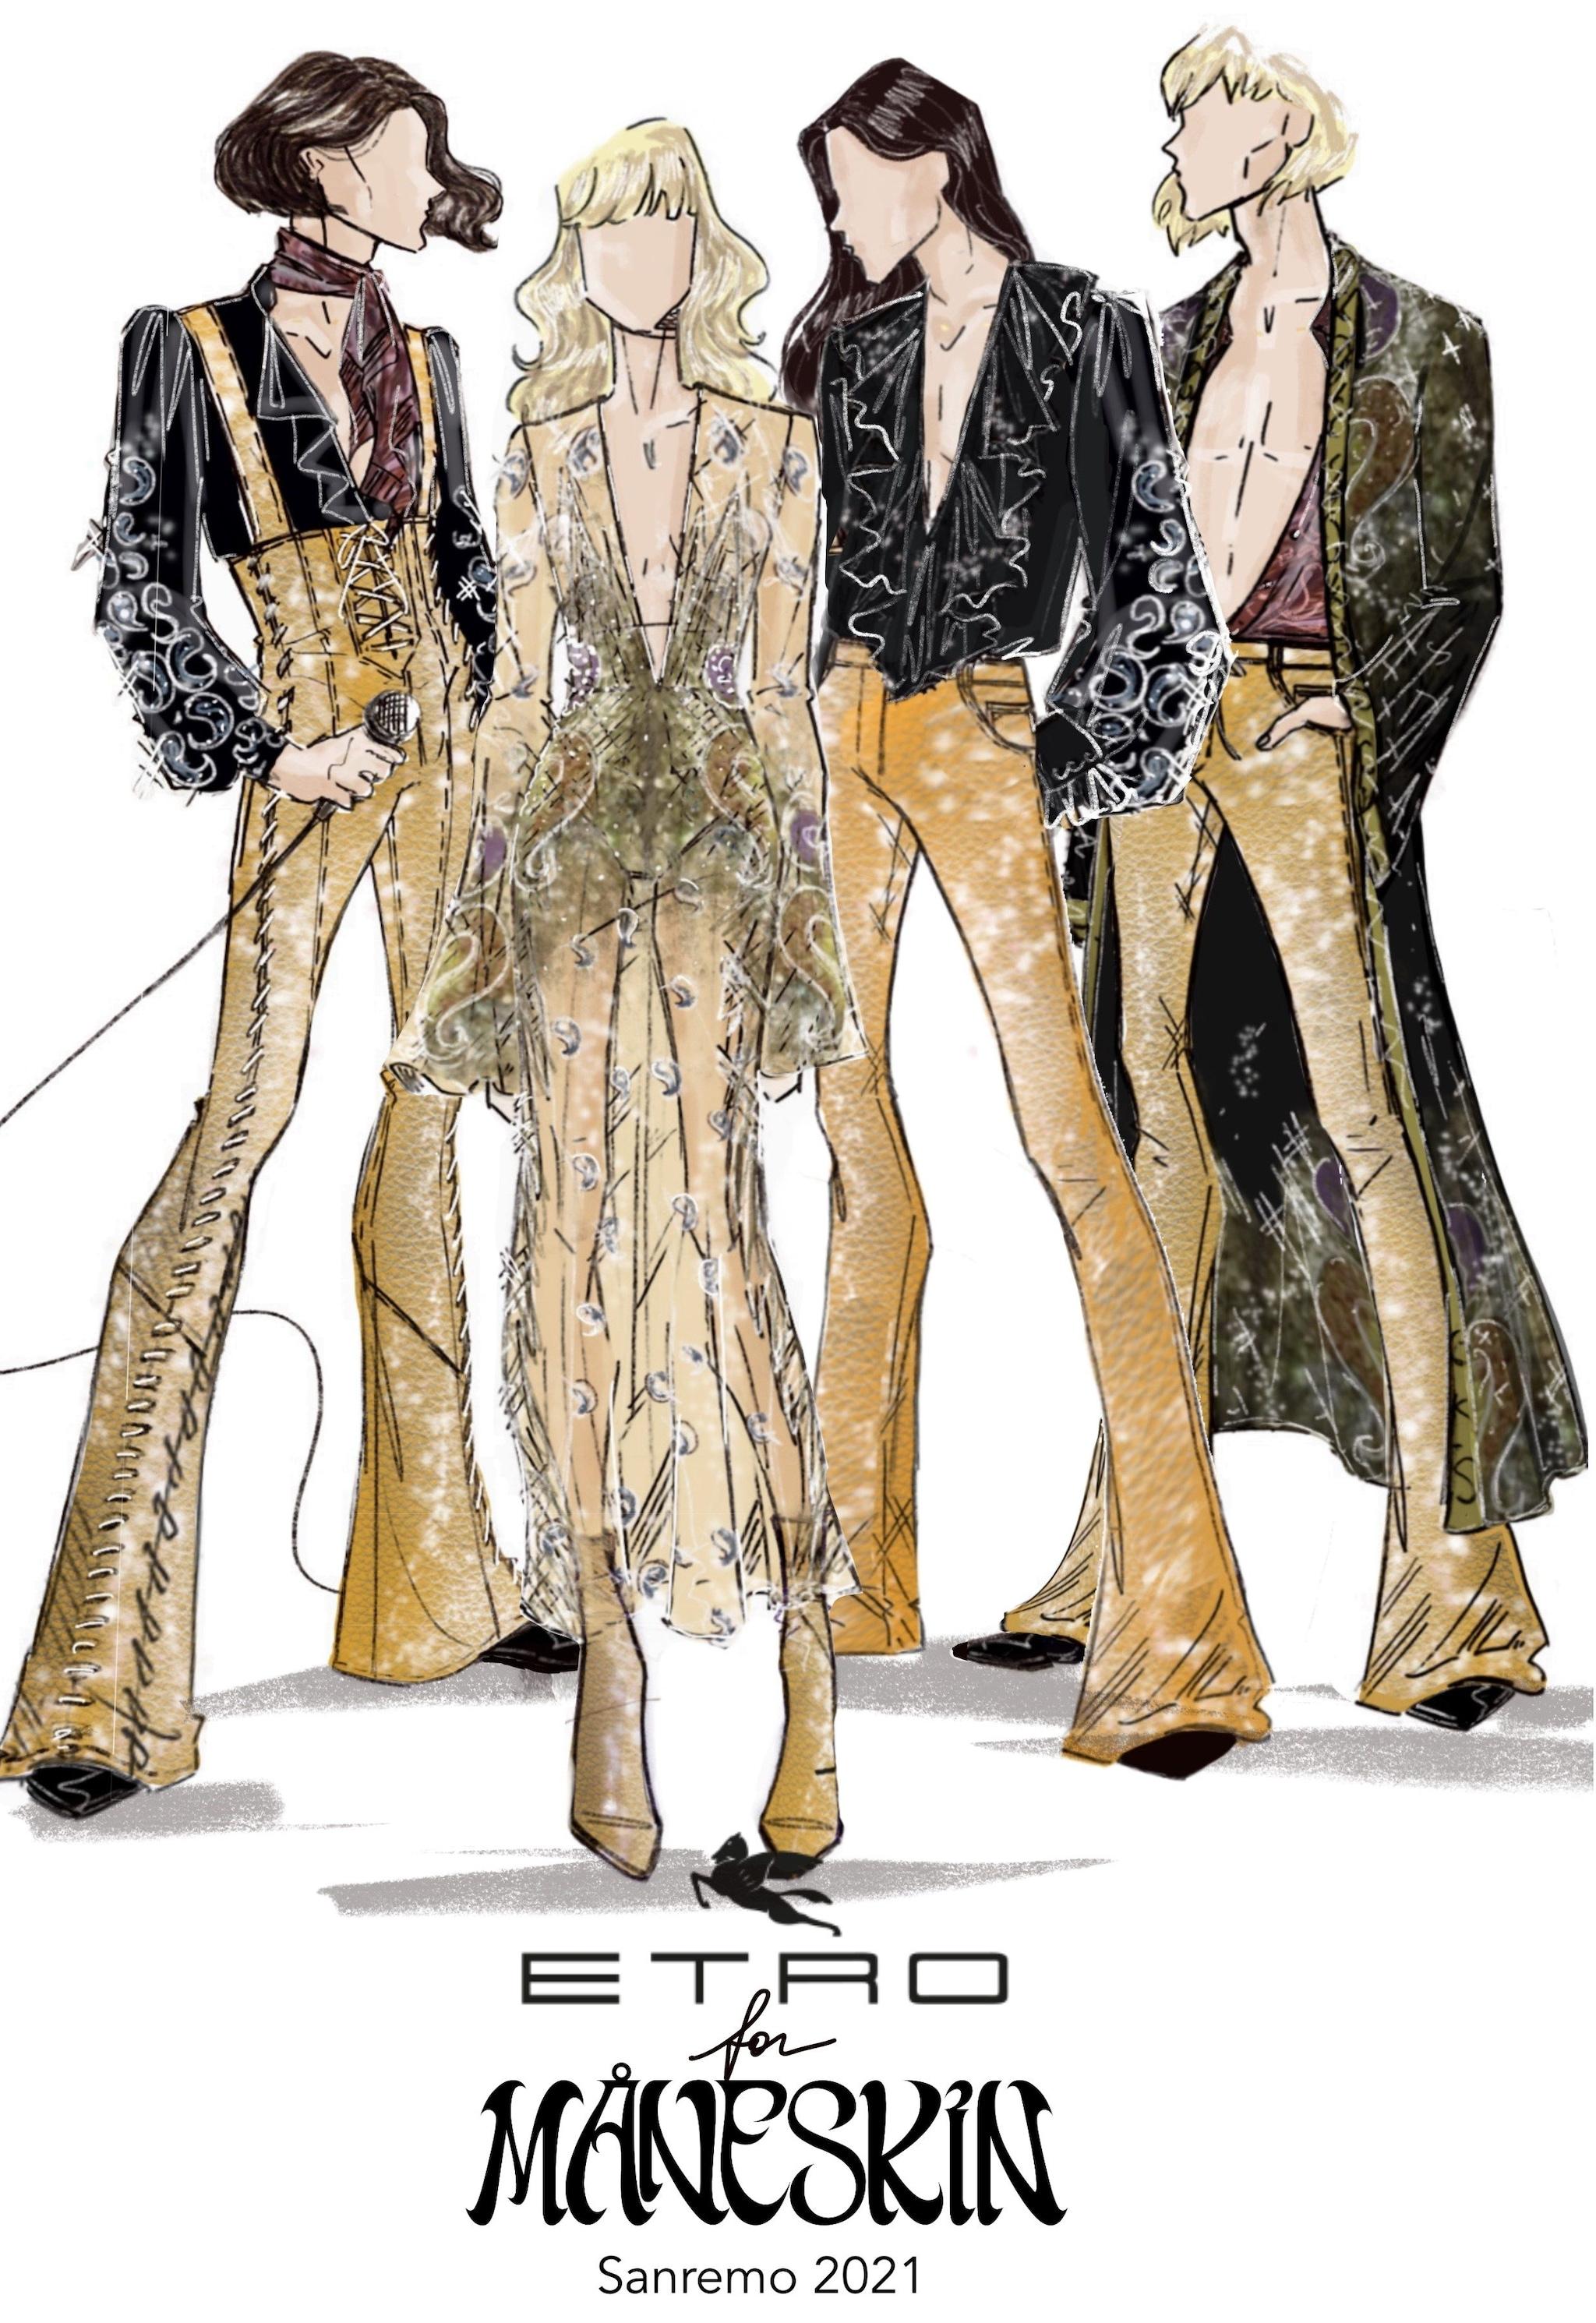 Il bozzetto dei look firmati Etro per i Maneskin